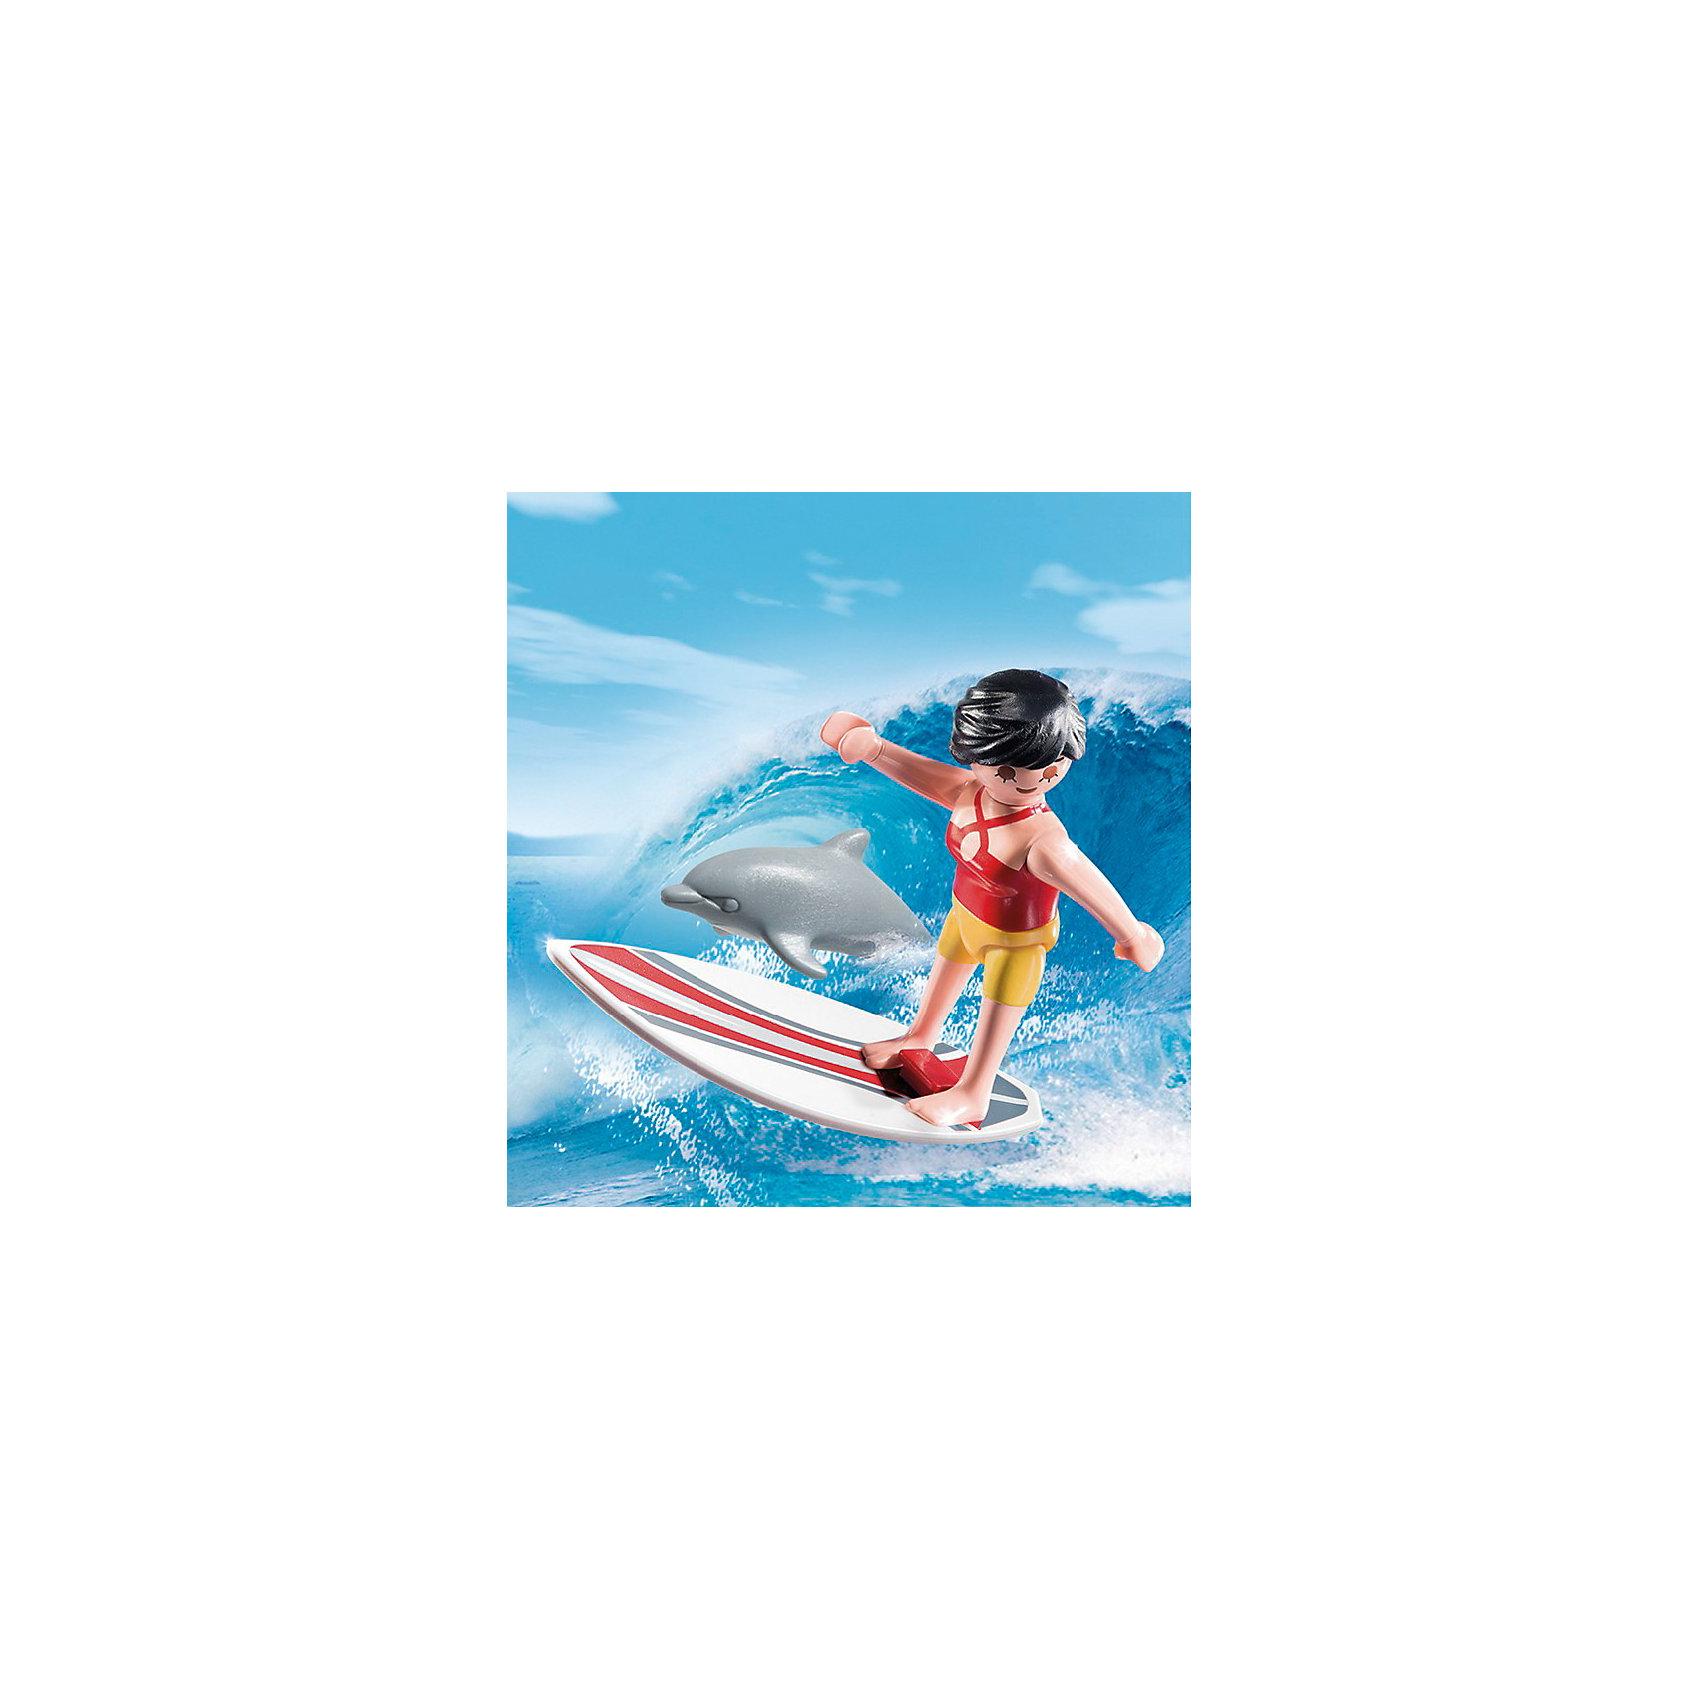 Экстра-набор: Сёрфингист с доской, PLAYMOBIL<br><br>Ширина мм: 135<br>Глубина мм: 93<br>Высота мм: 32<br>Вес г: 49<br>Возраст от месяцев: 48<br>Возраст до месяцев: 120<br>Пол: Женский<br>Возраст: Детский<br>SKU: 3786457